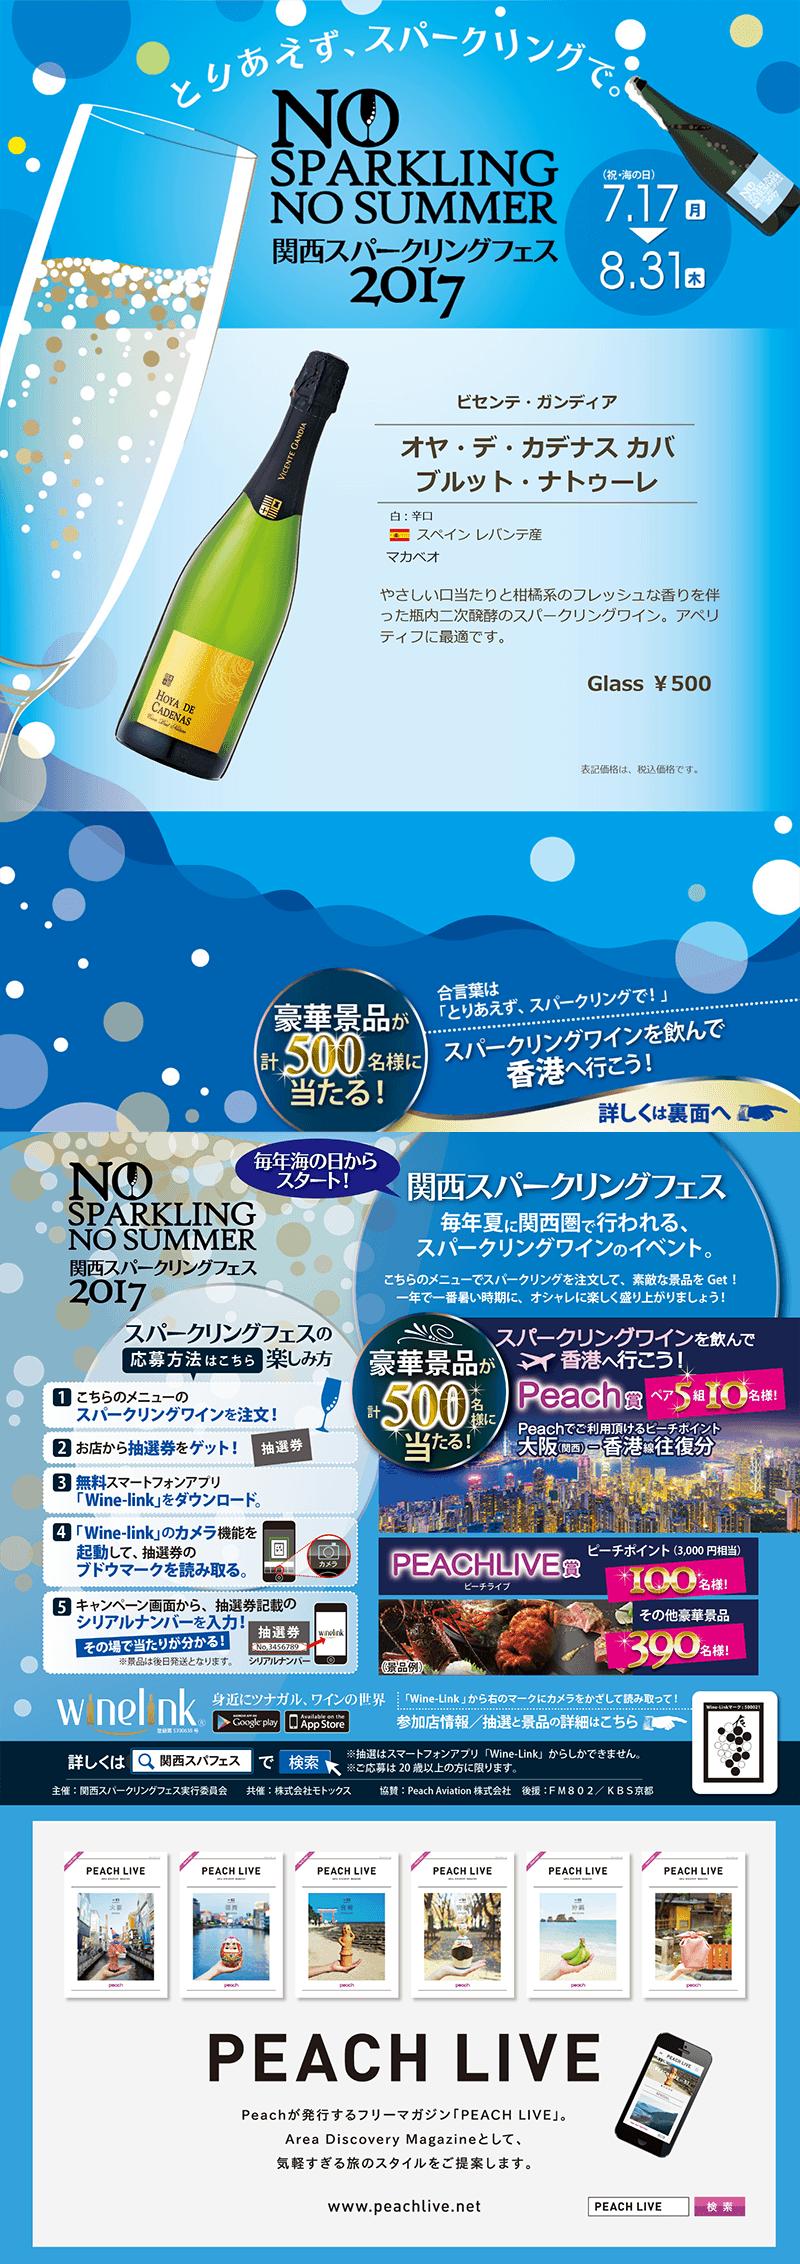 関西スパークリングフェス2017